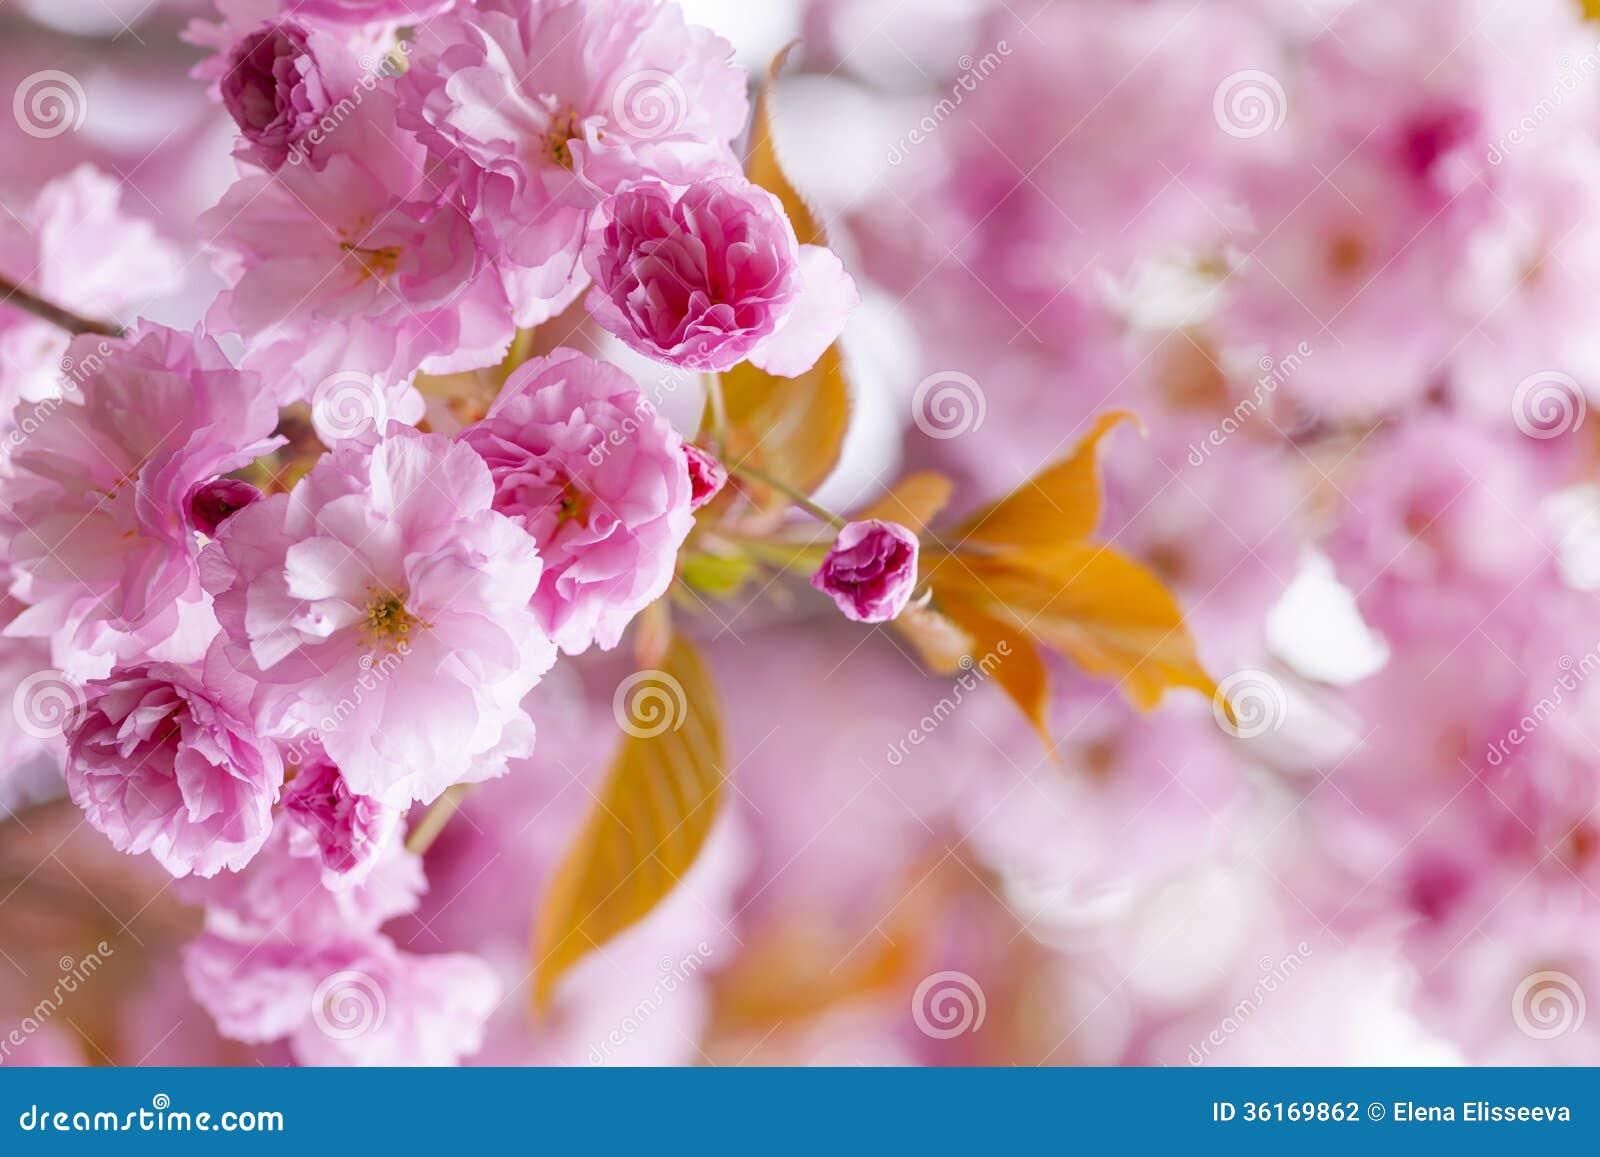 Verger rose de fleurs de cerisier au printemps photo stock - Fleurs roses de printemps ...